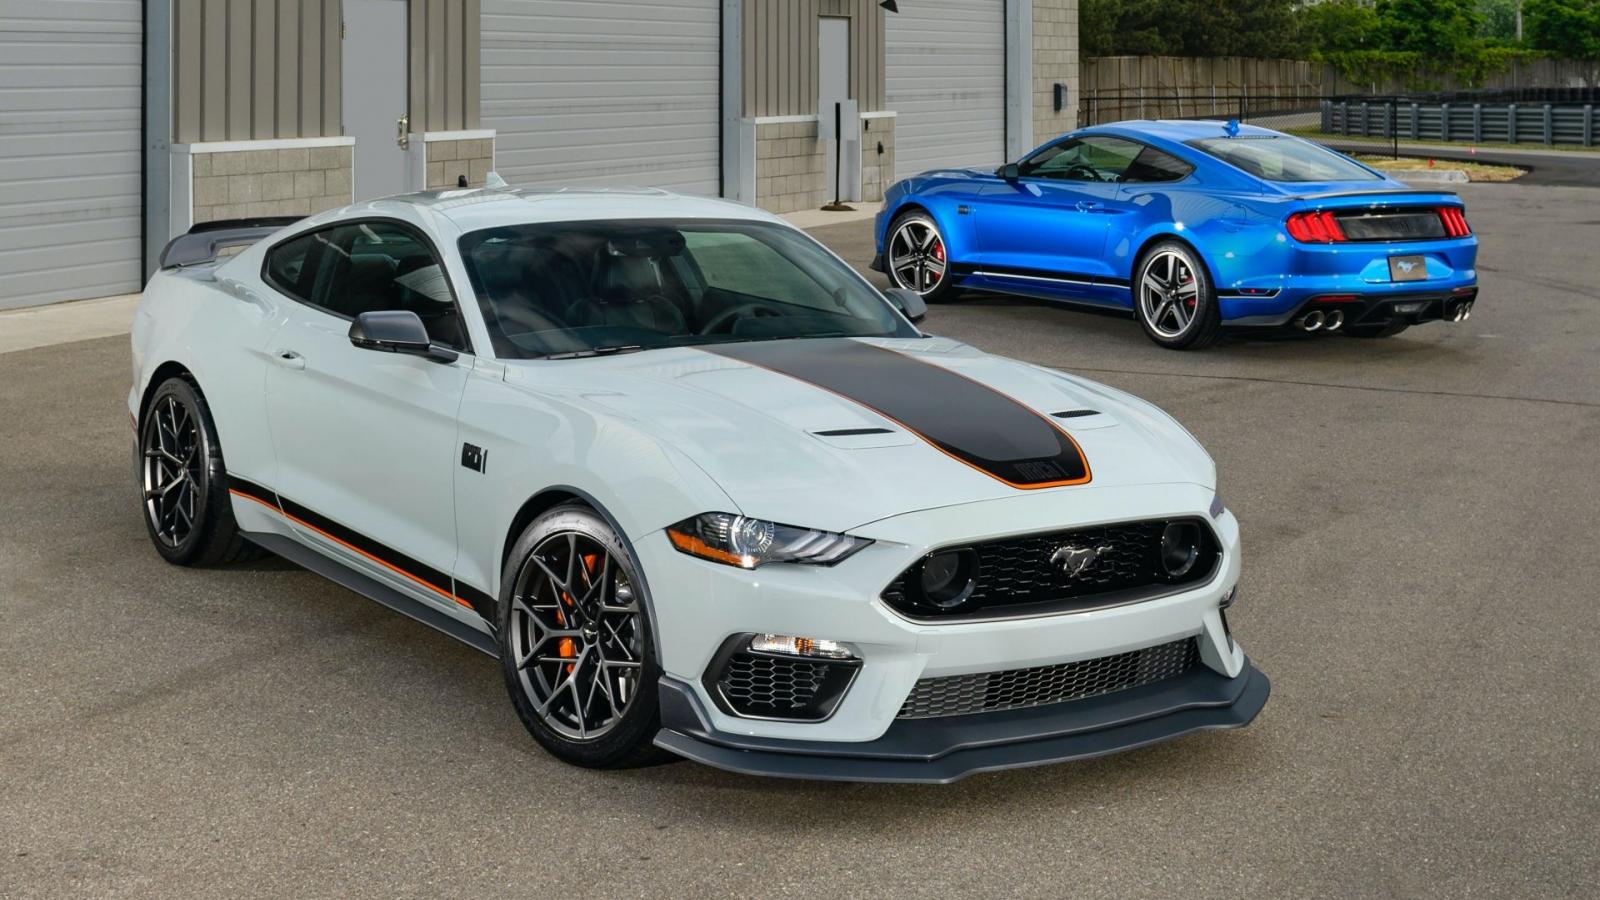 Ford Mustang Mach 1 sẽ được bán rộng rãi trên toàn thế giới